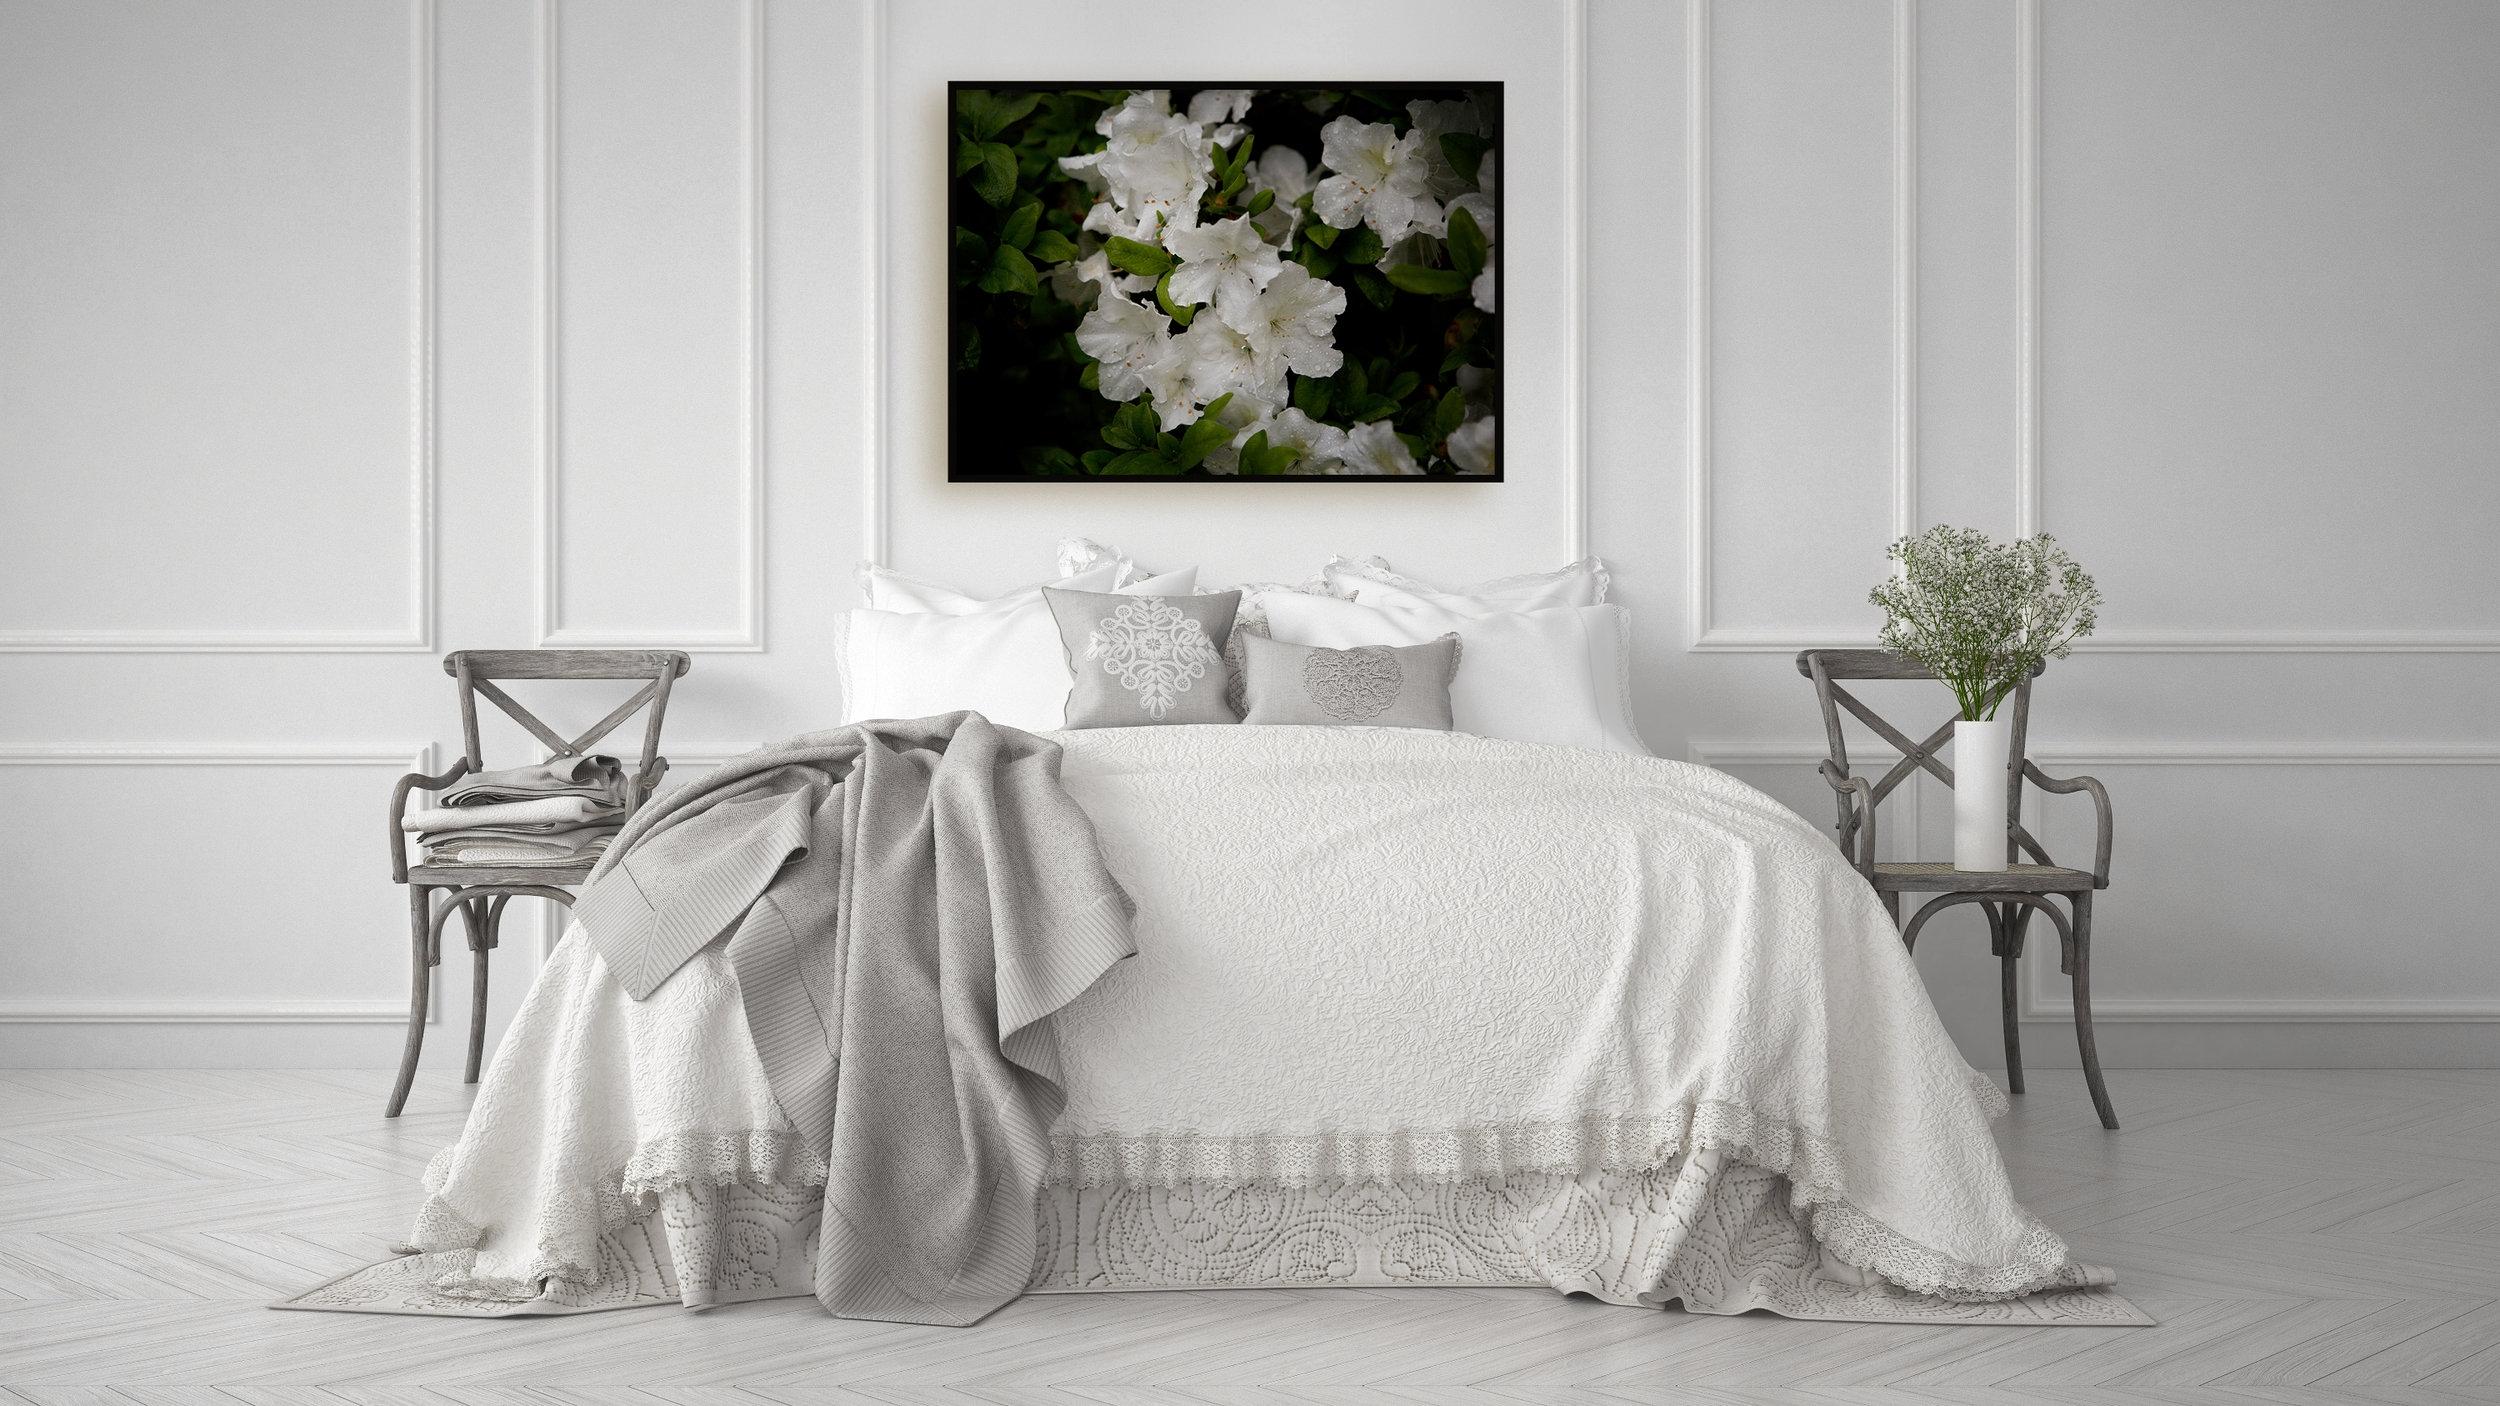 bedroomwithazaleaprint.jpg